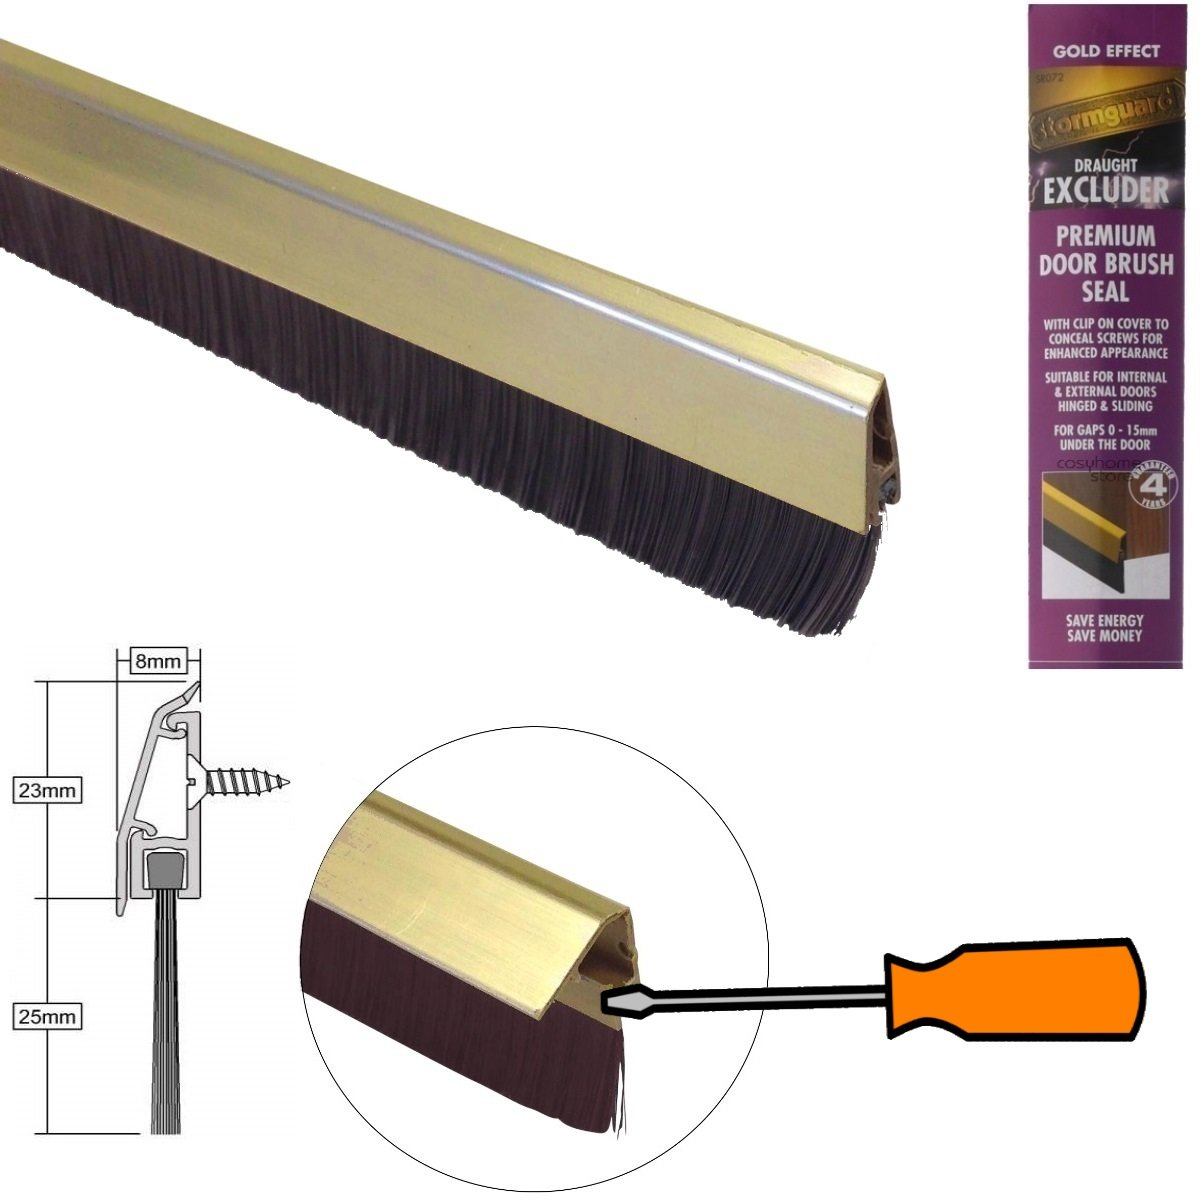 Inferior puerta cepillo de sellado con tapa de fijación oculta y color correspondiente cepillo - efecto oro 838mm: Amazon.es: Bricolaje y herramientas